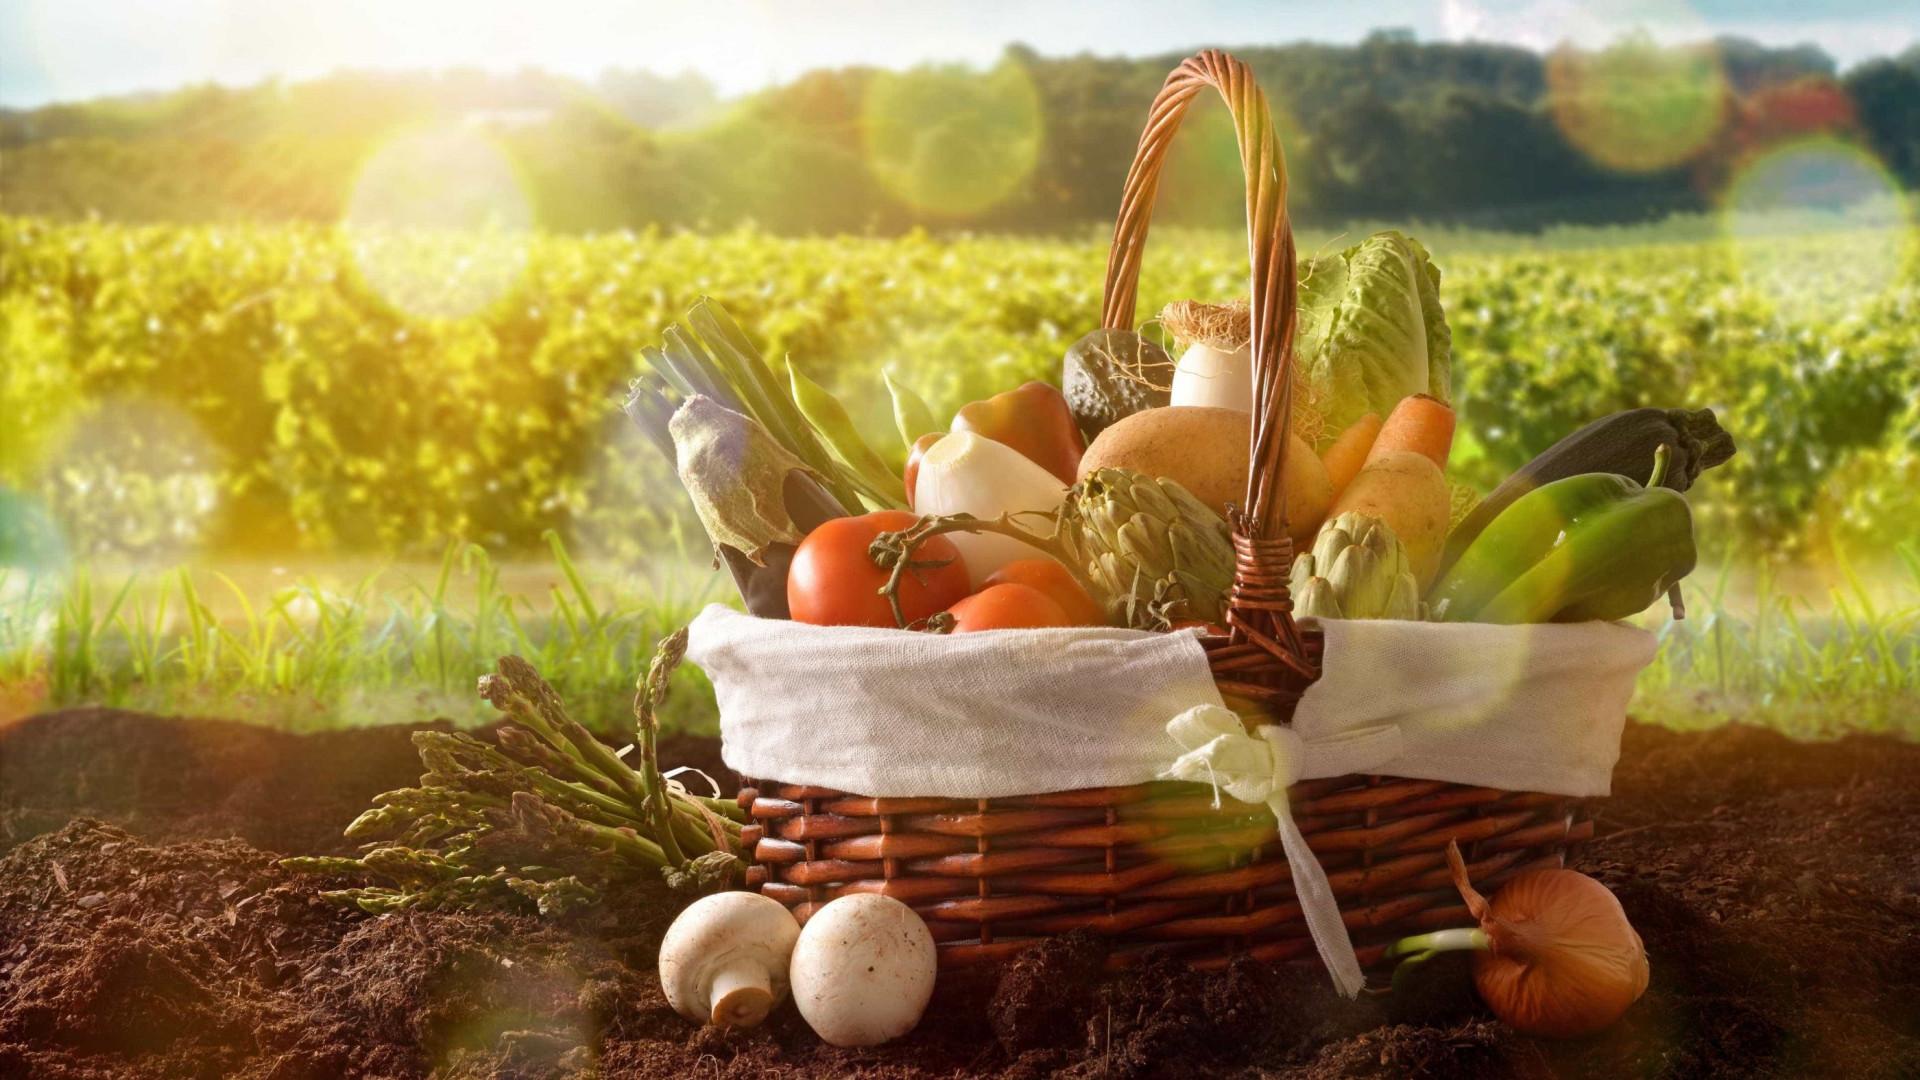 FAO: Quase 55% dos alimentos desperdiçados no mundo são frutas e vegetais